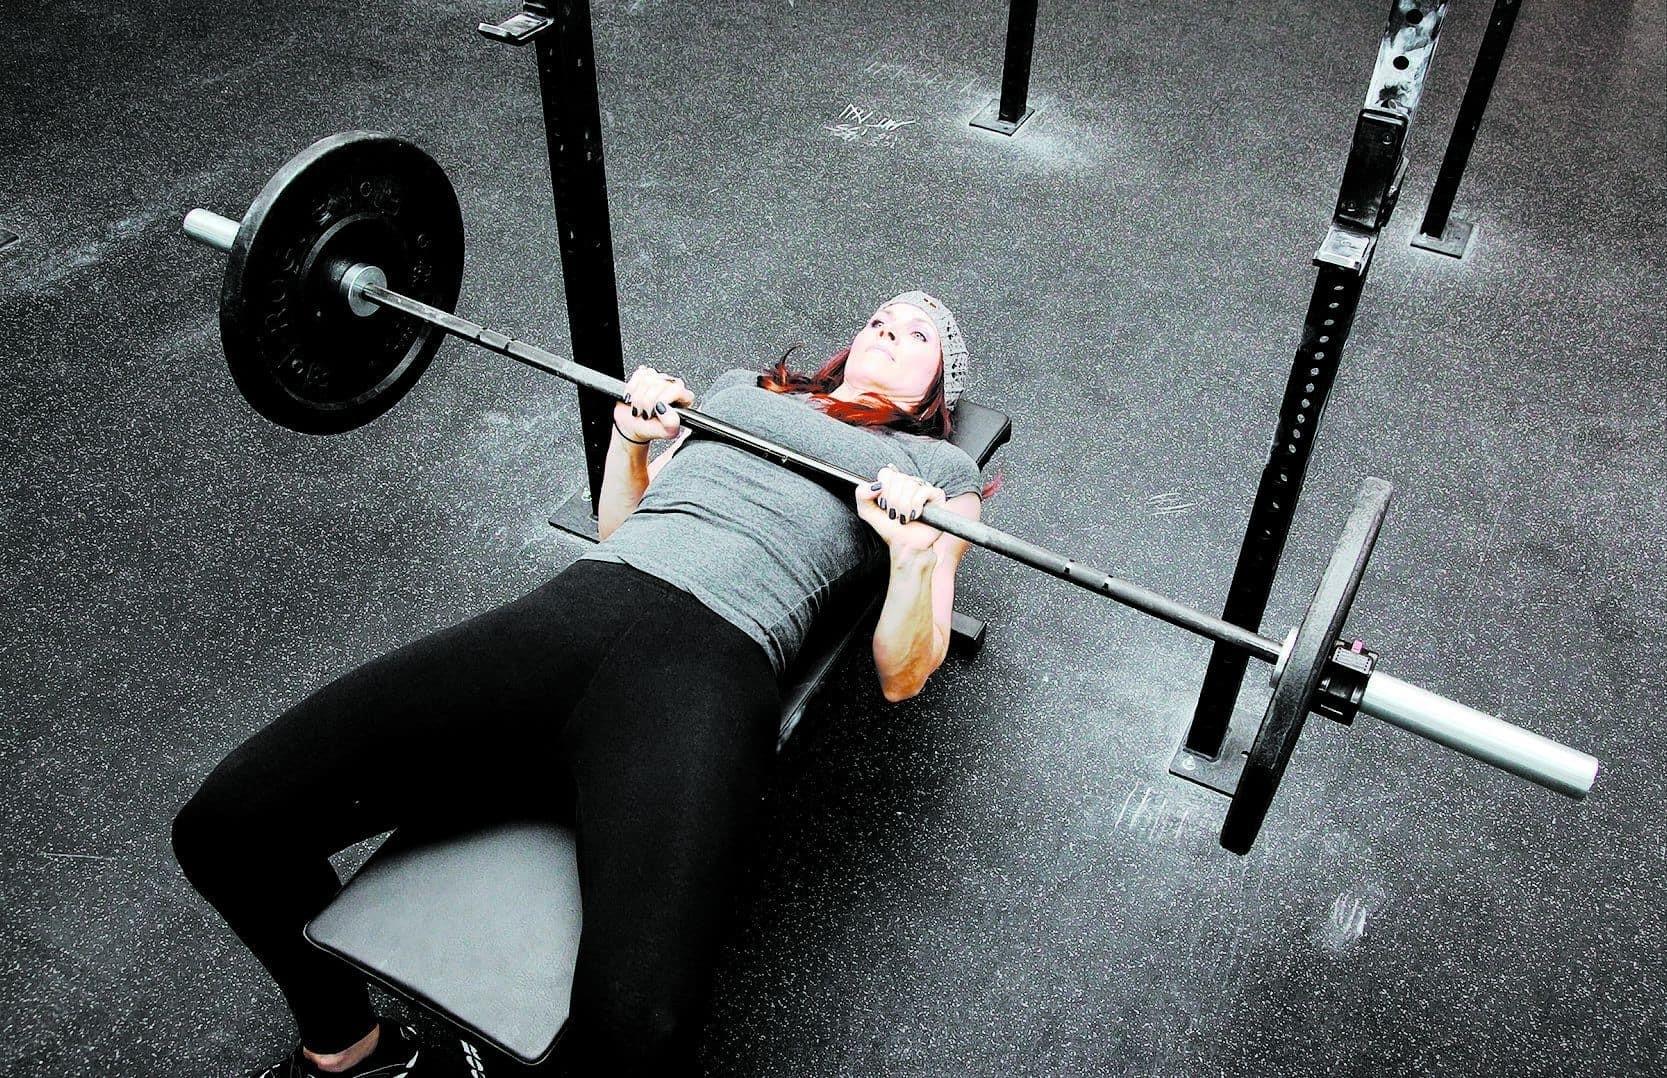 press de banca inclinado que musculo trabaja